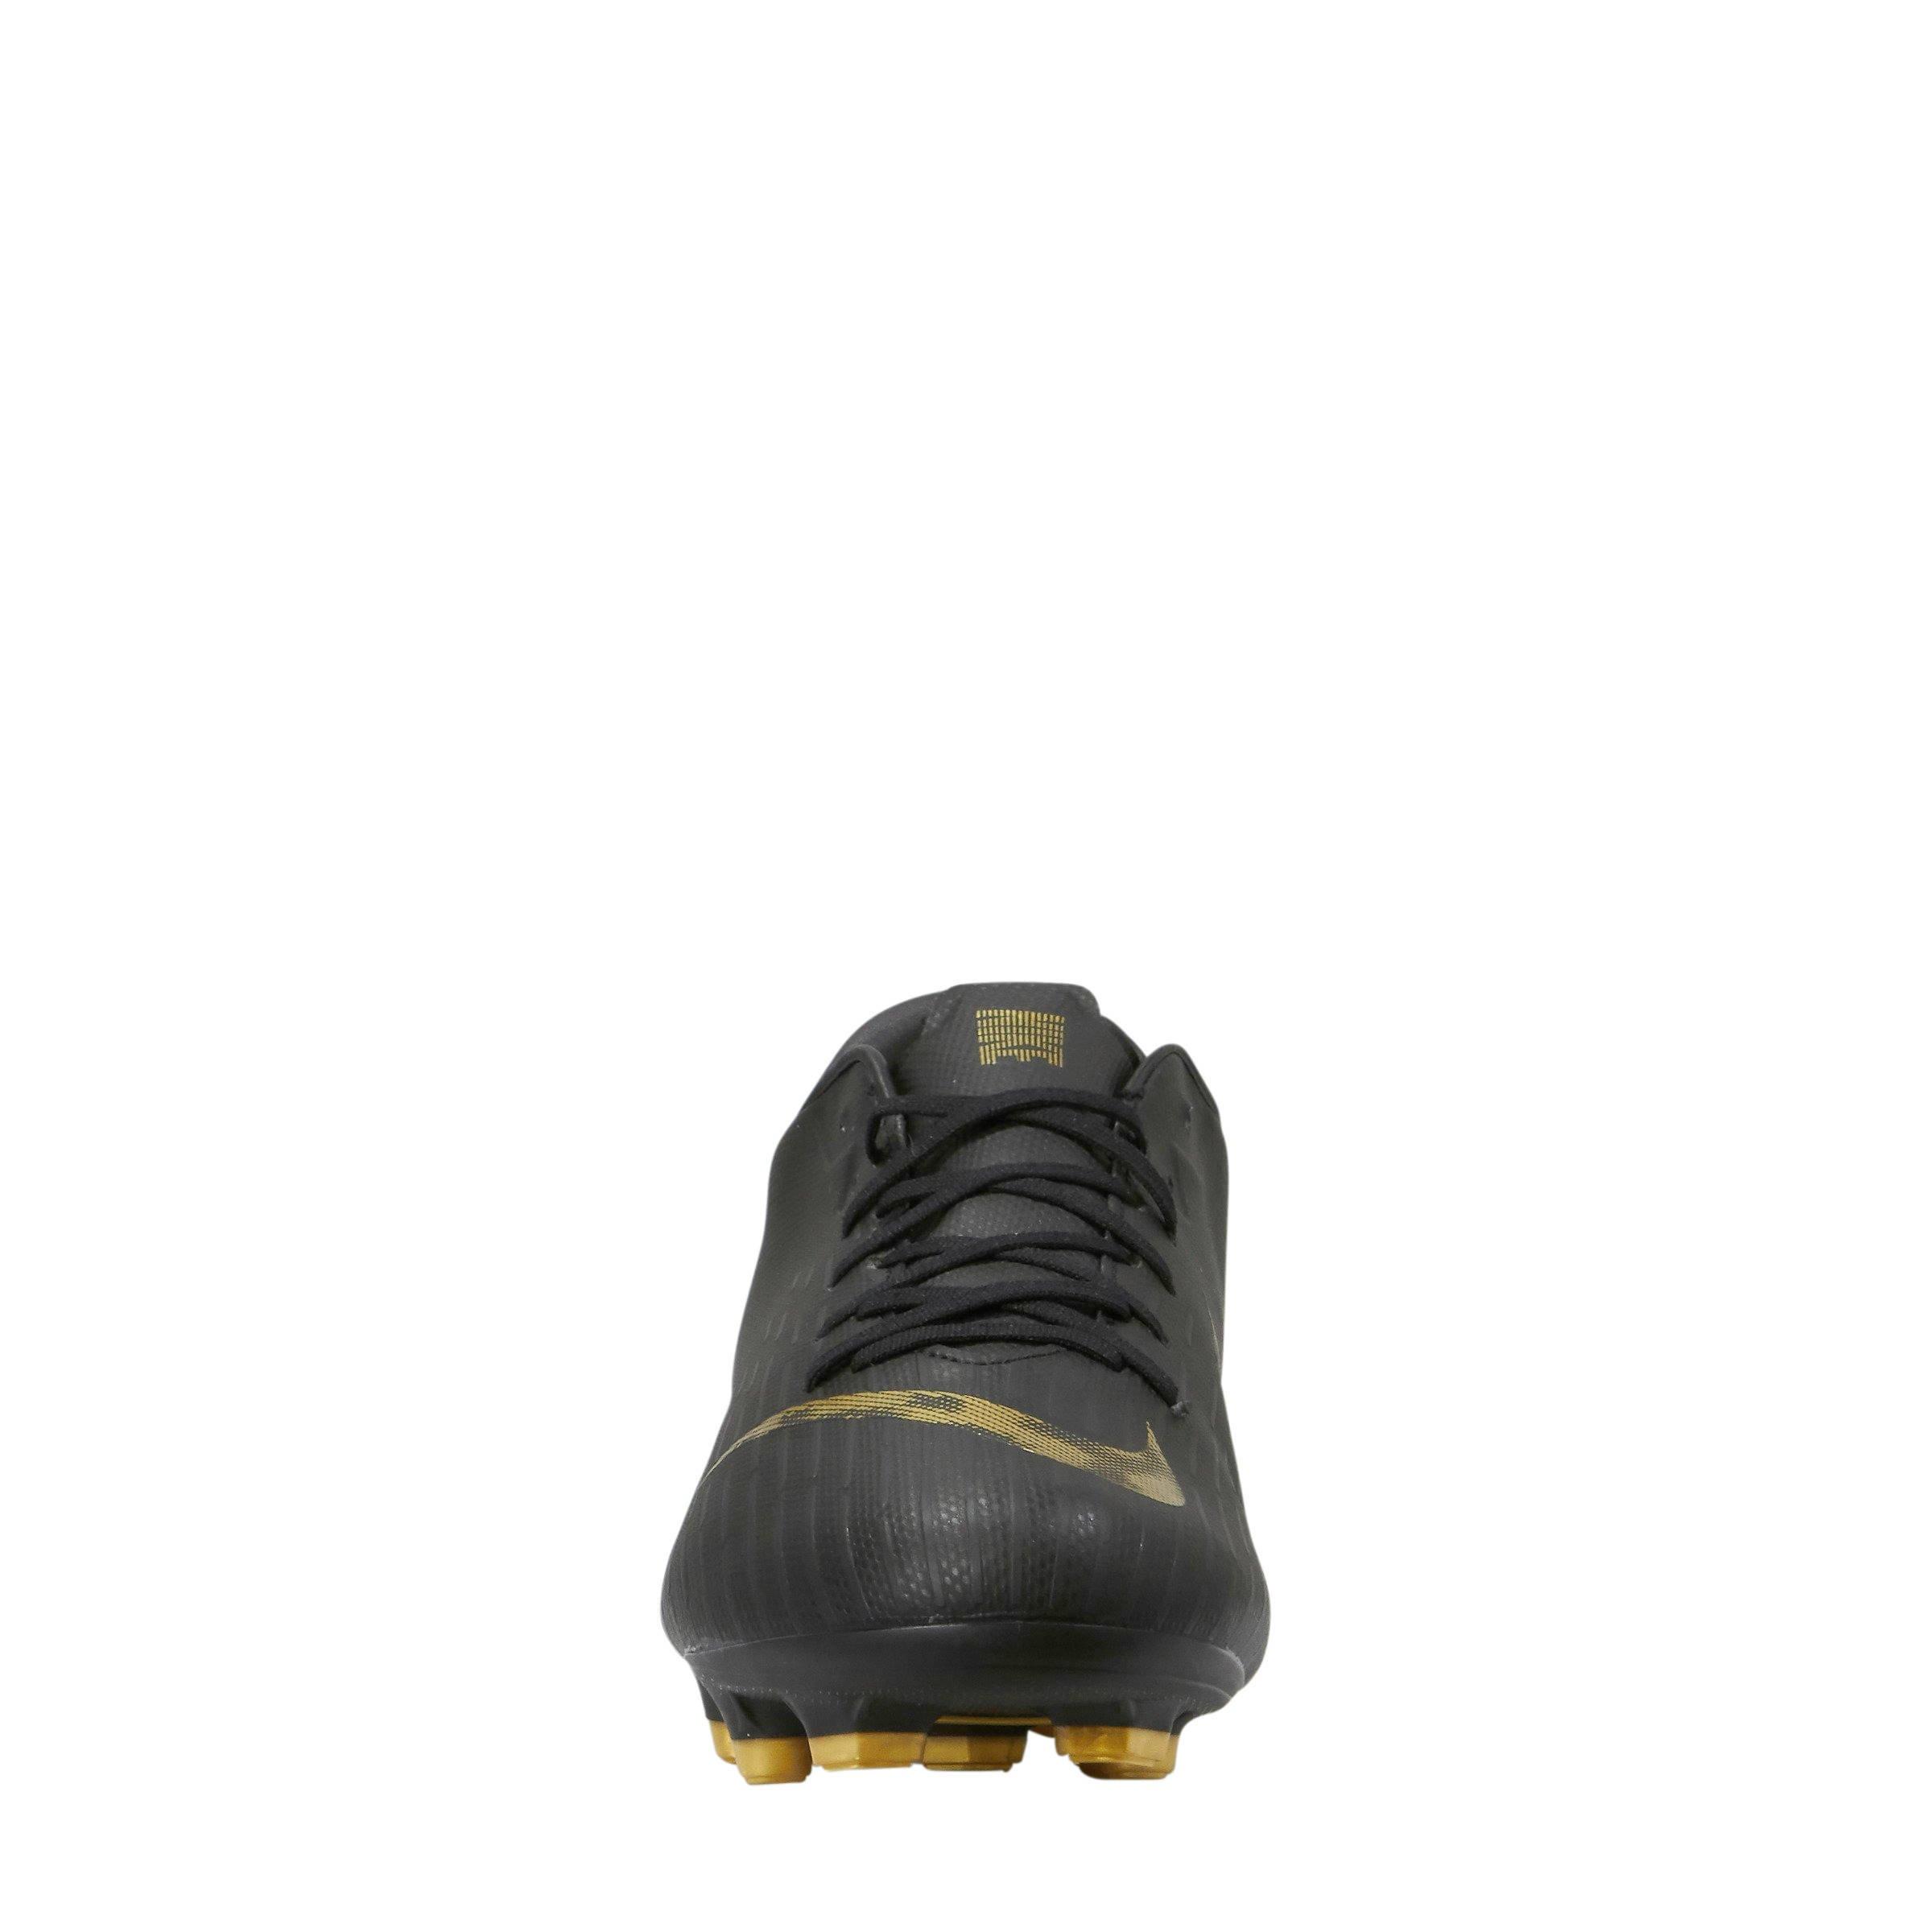 1d36229386f Nike Mercurial Vapor 12 Academy MG voetbalschoenen | wehkamp